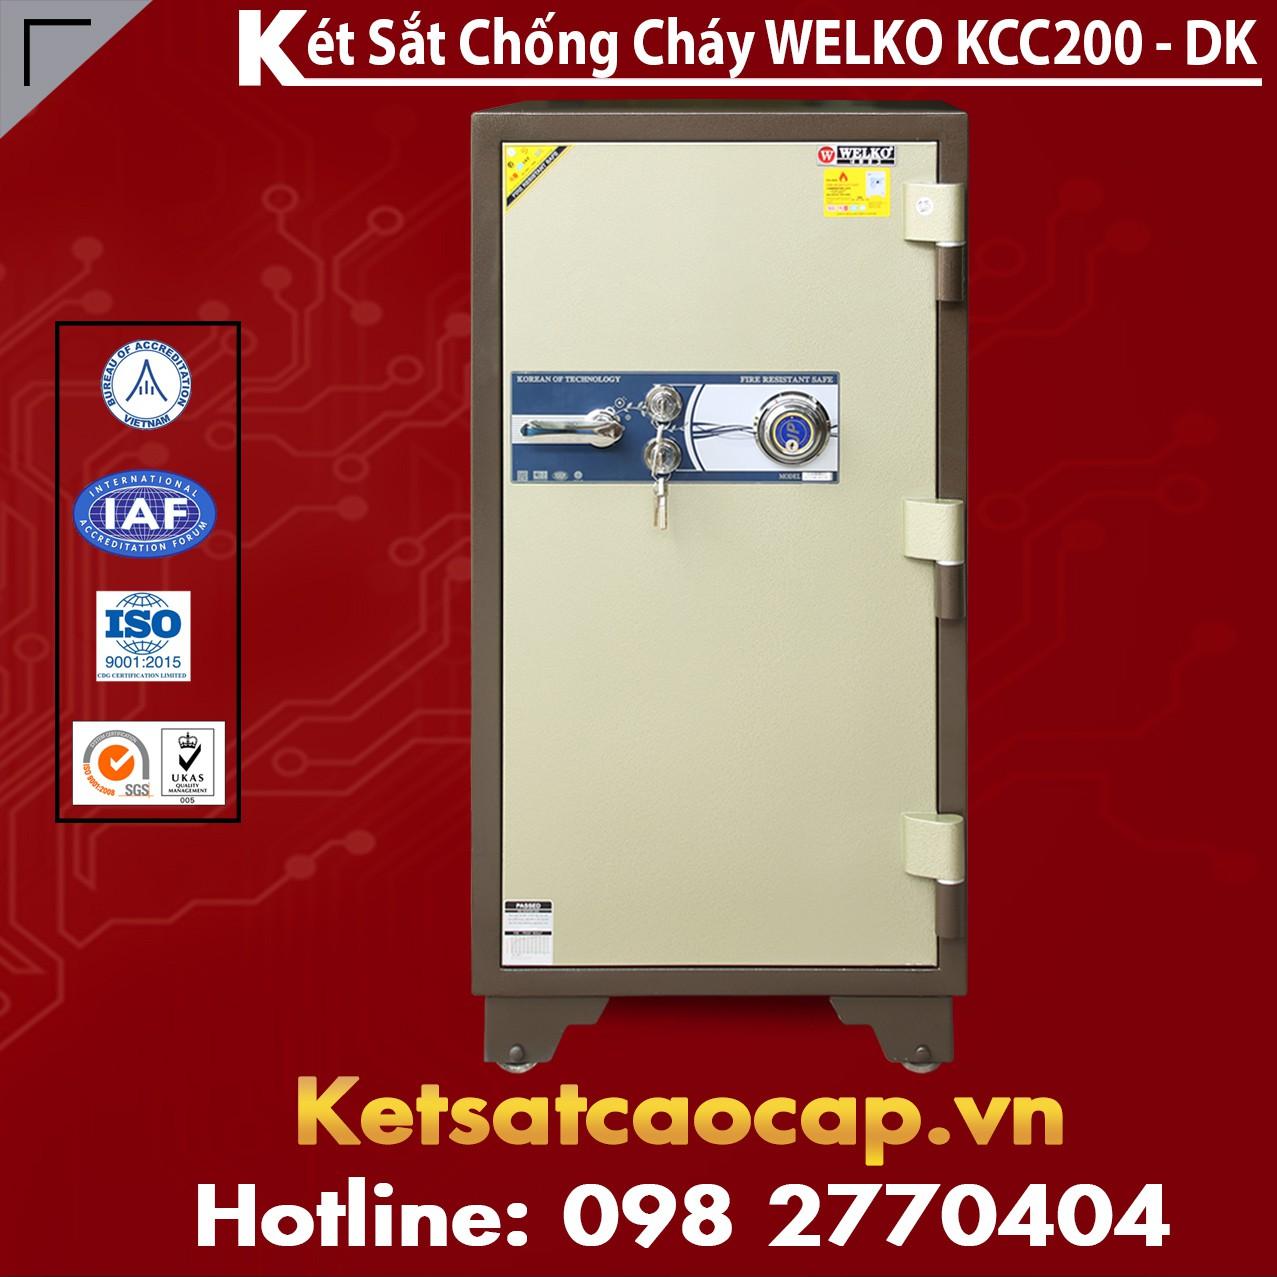 Két Sắt Nhập Khẩu KCC200 DK - Brown